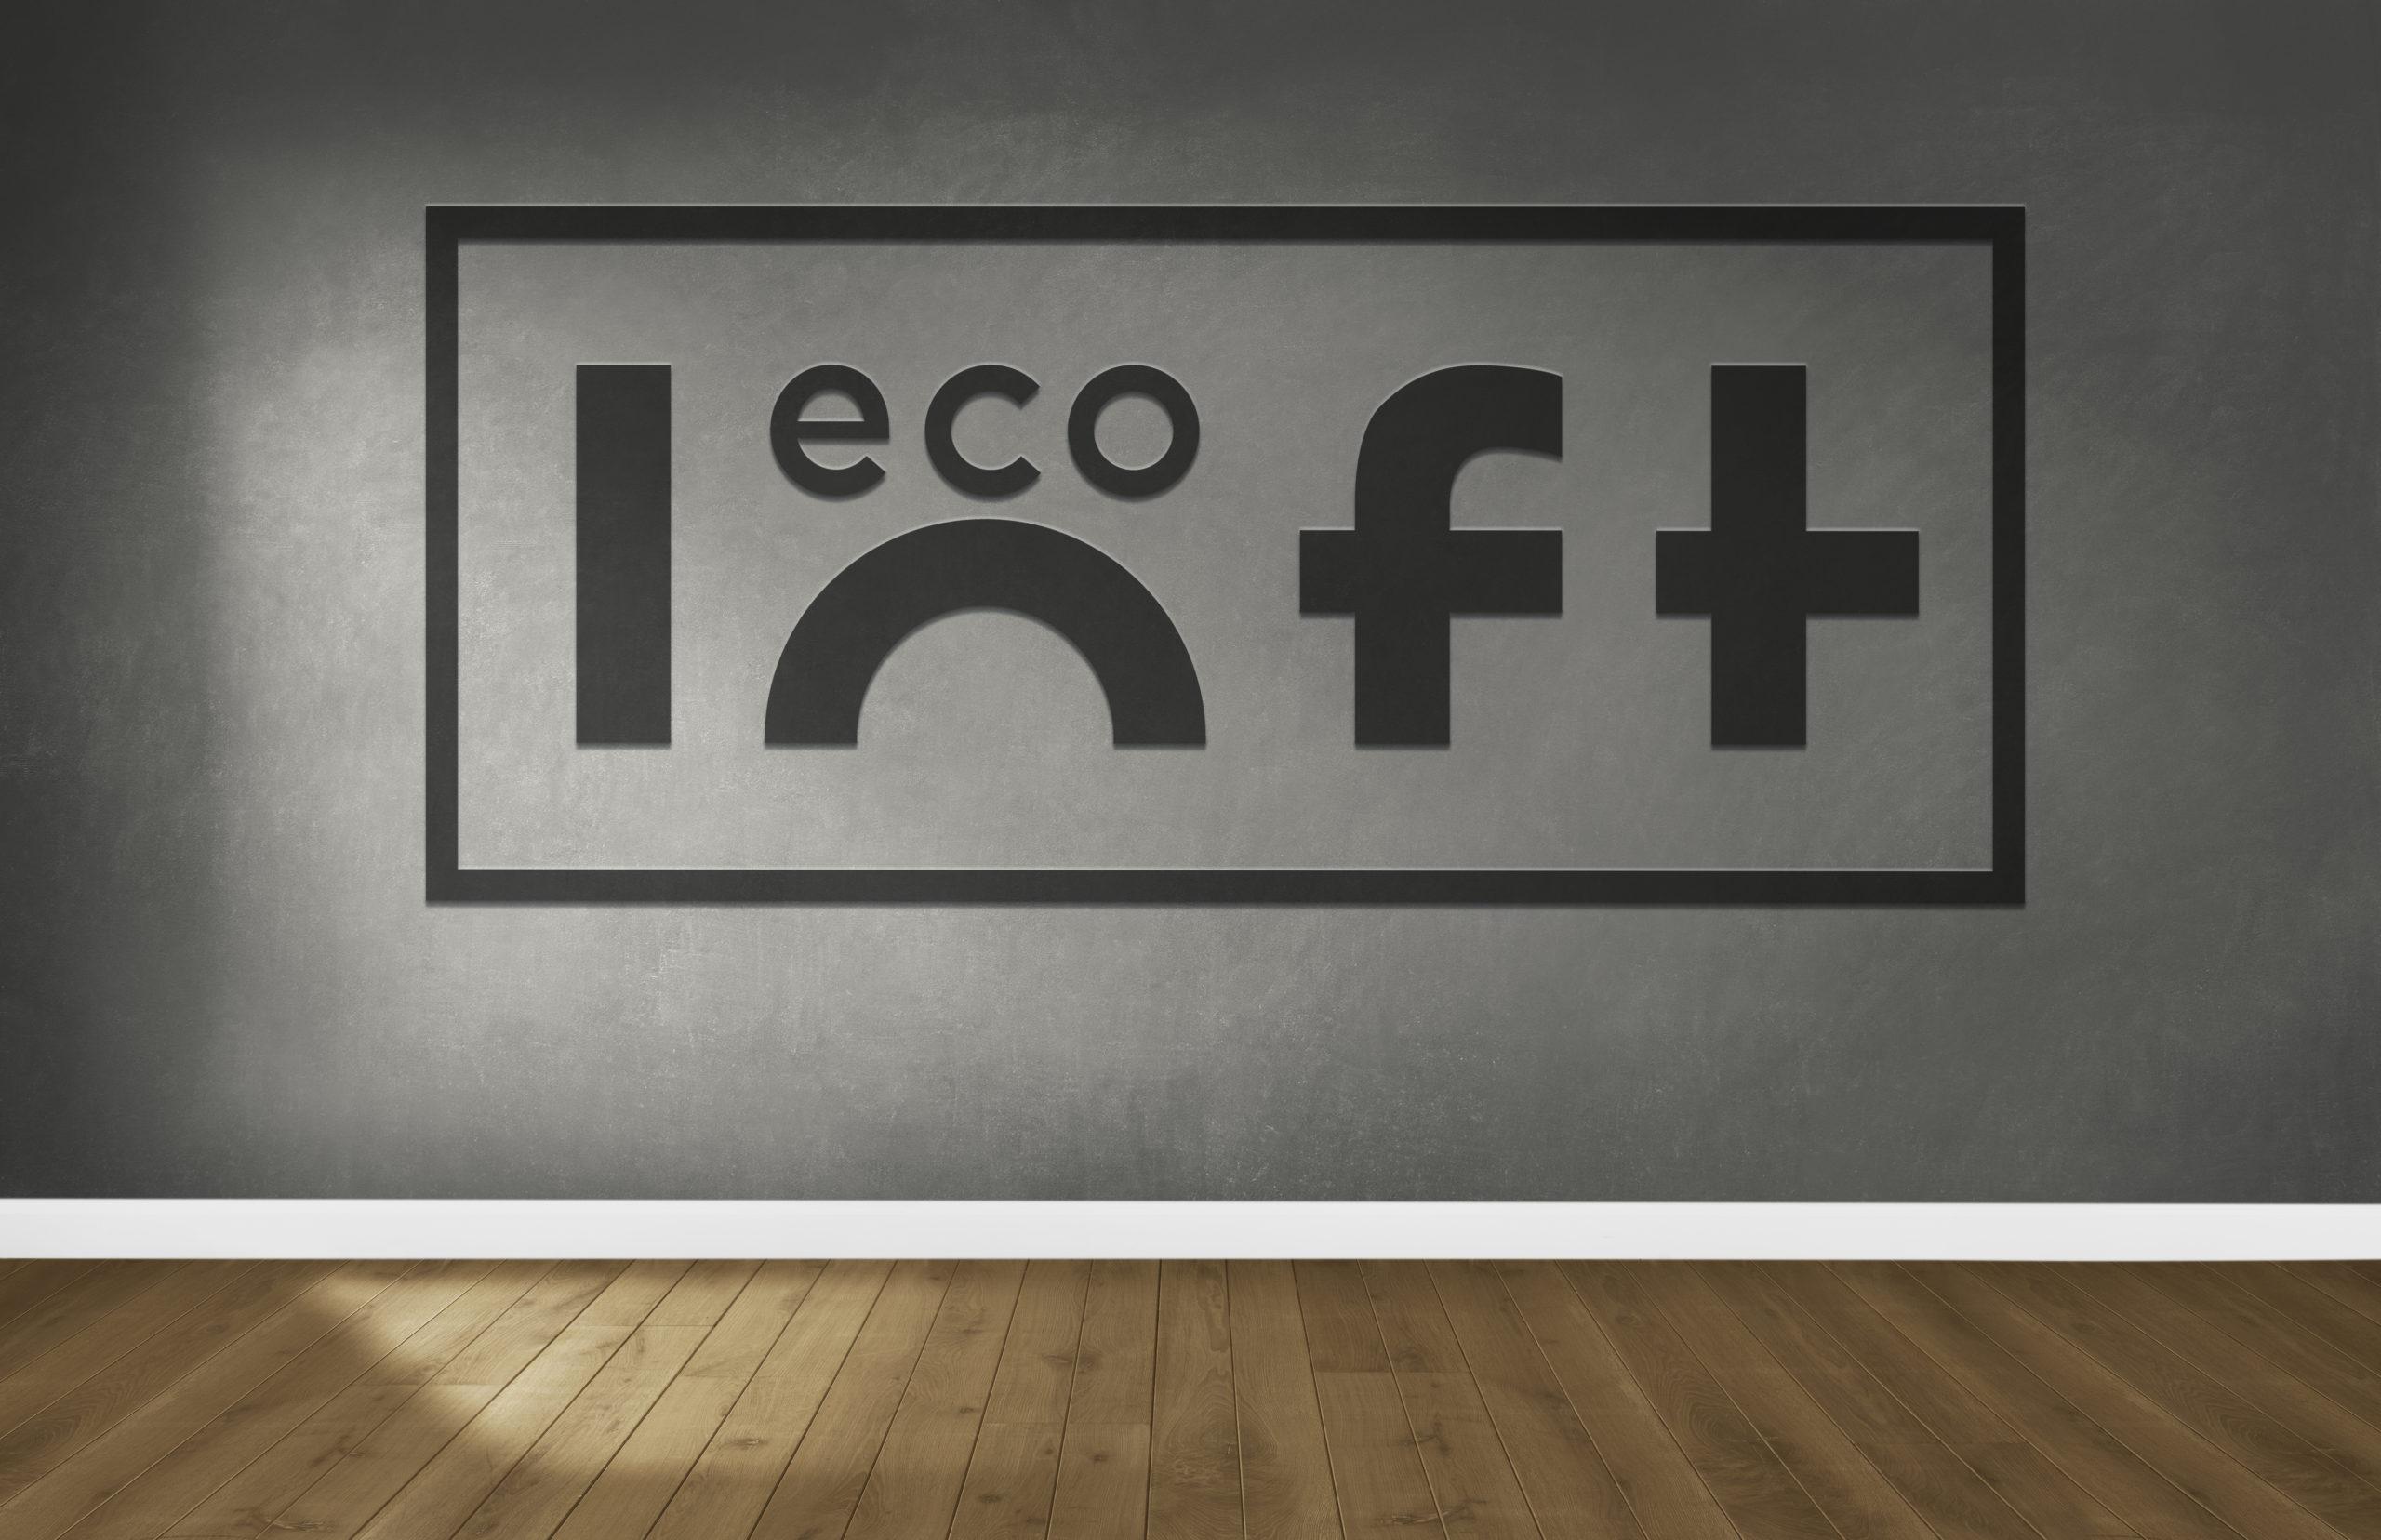 логотип на стене эко лофт